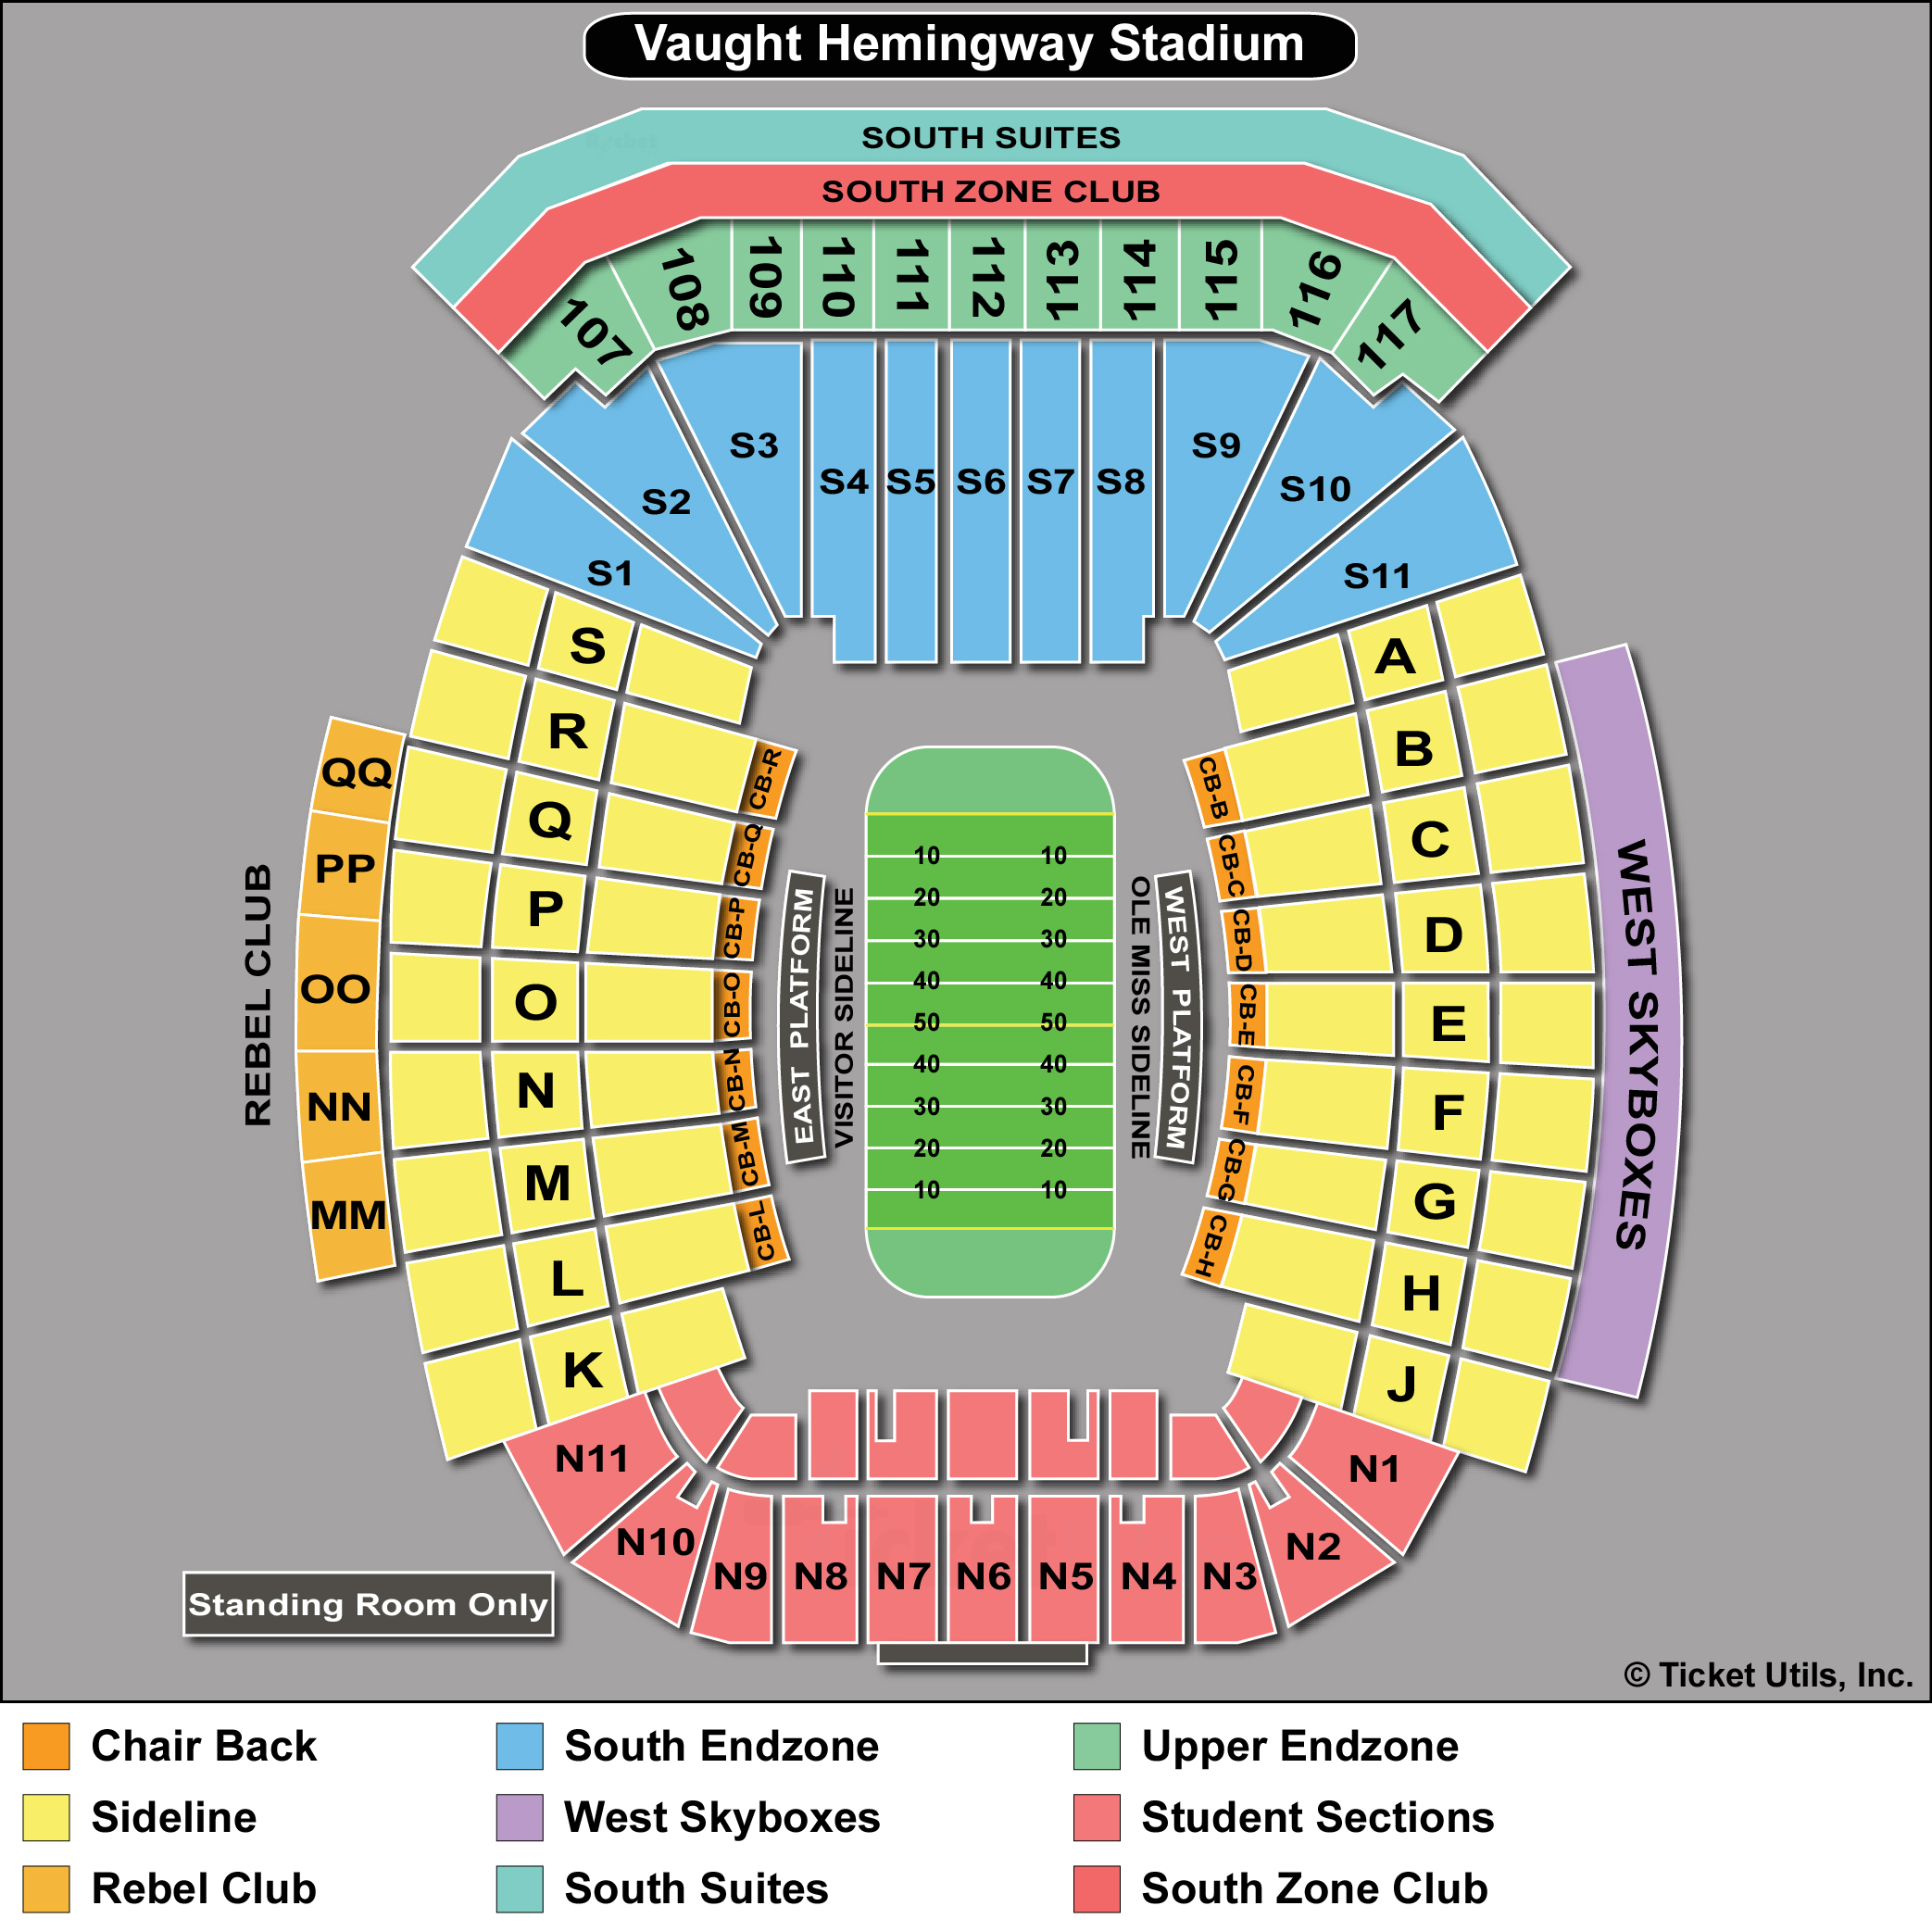 Vaught-Hemingway Stadium Seating Chart